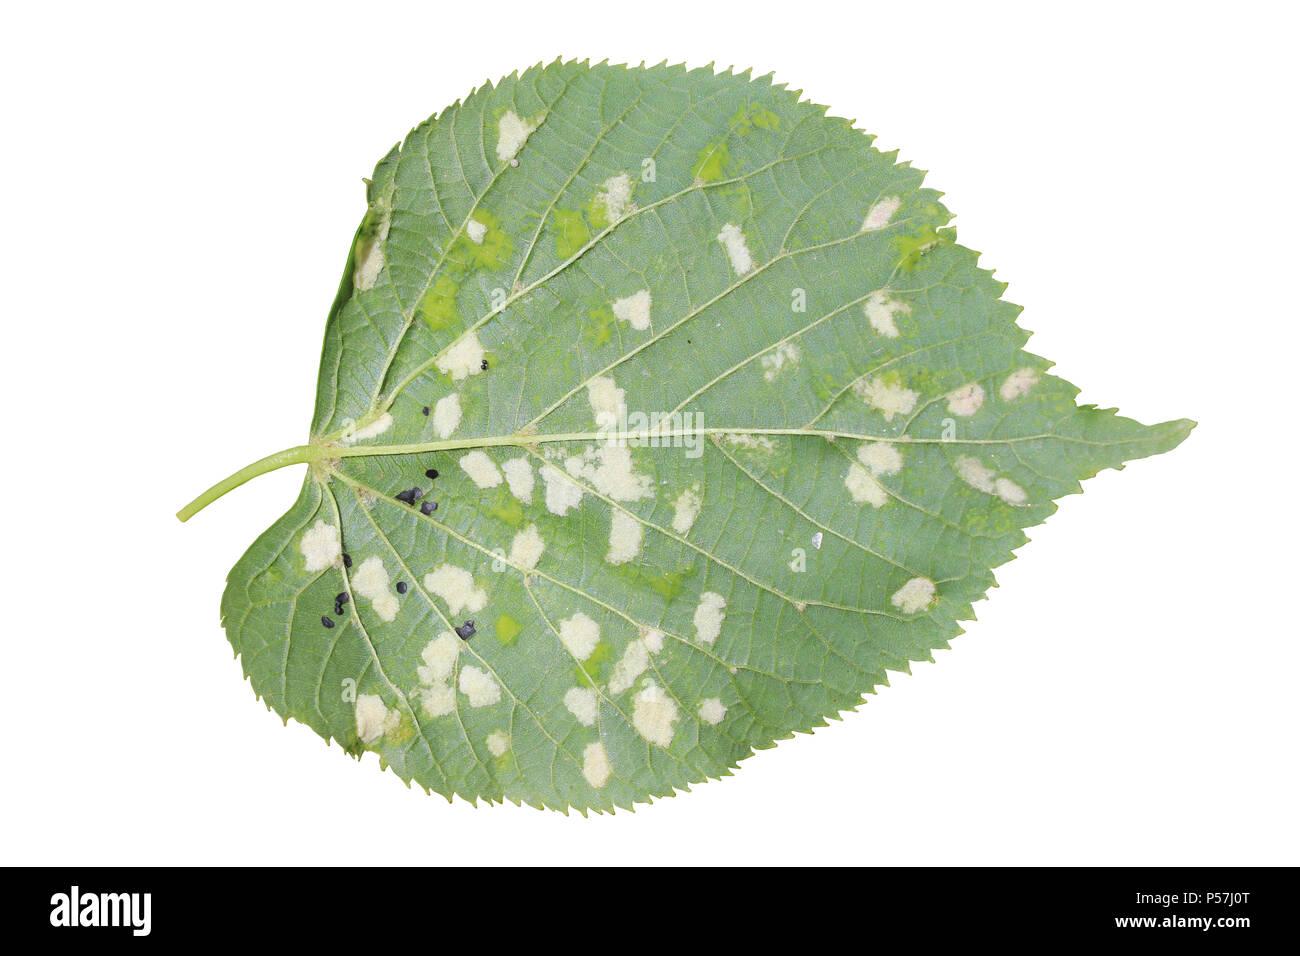 Schden An Tilia Europaea Leaf Durch Den Kalk Verursacht Fhlte Gall Milbe Eriophyes Leiosoma